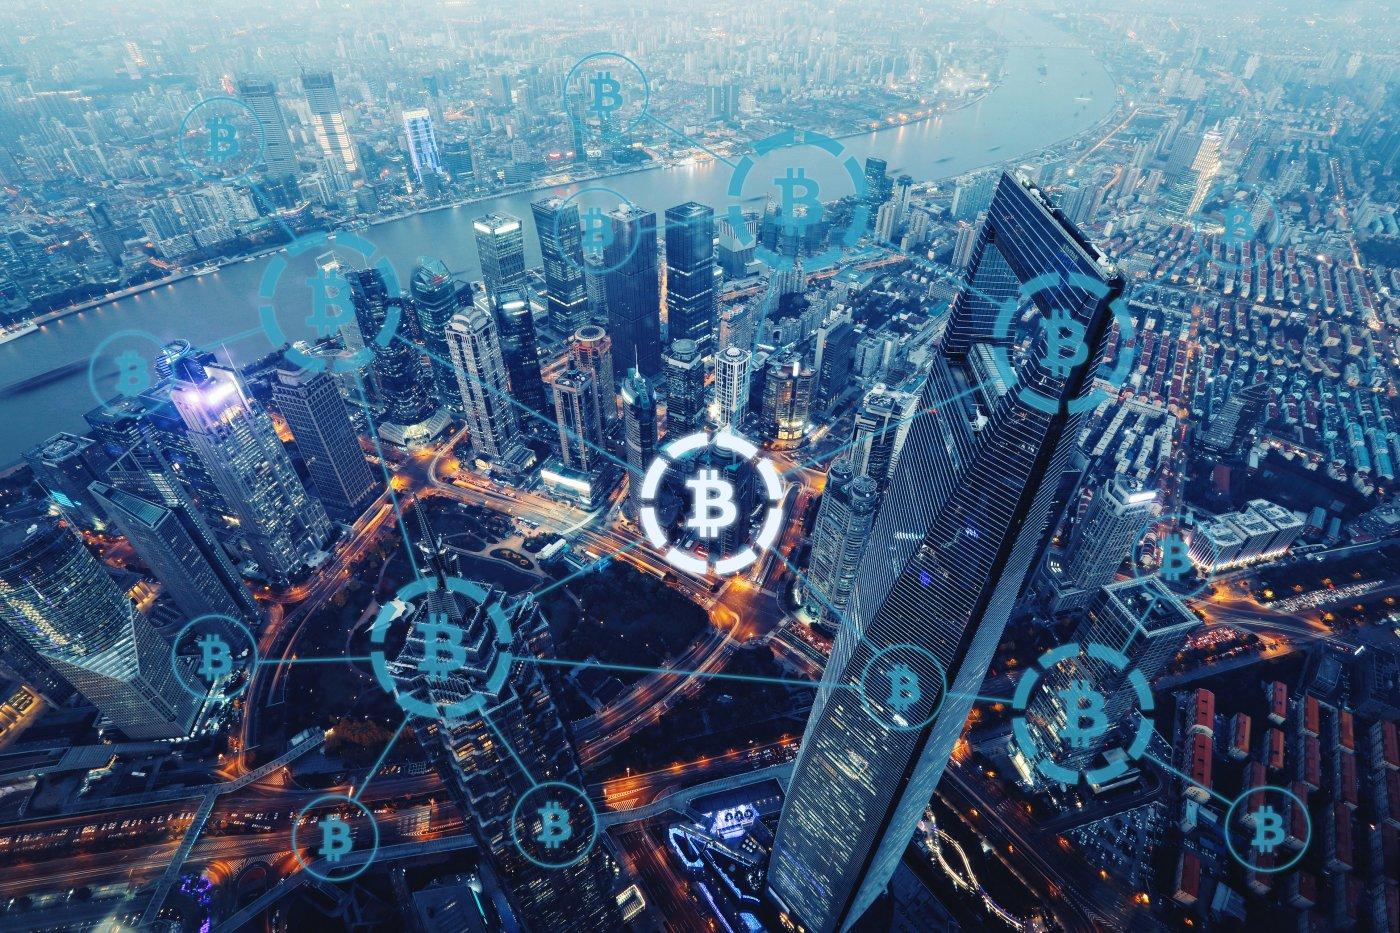 criptomonedas-monedas-virtuales-ciudad